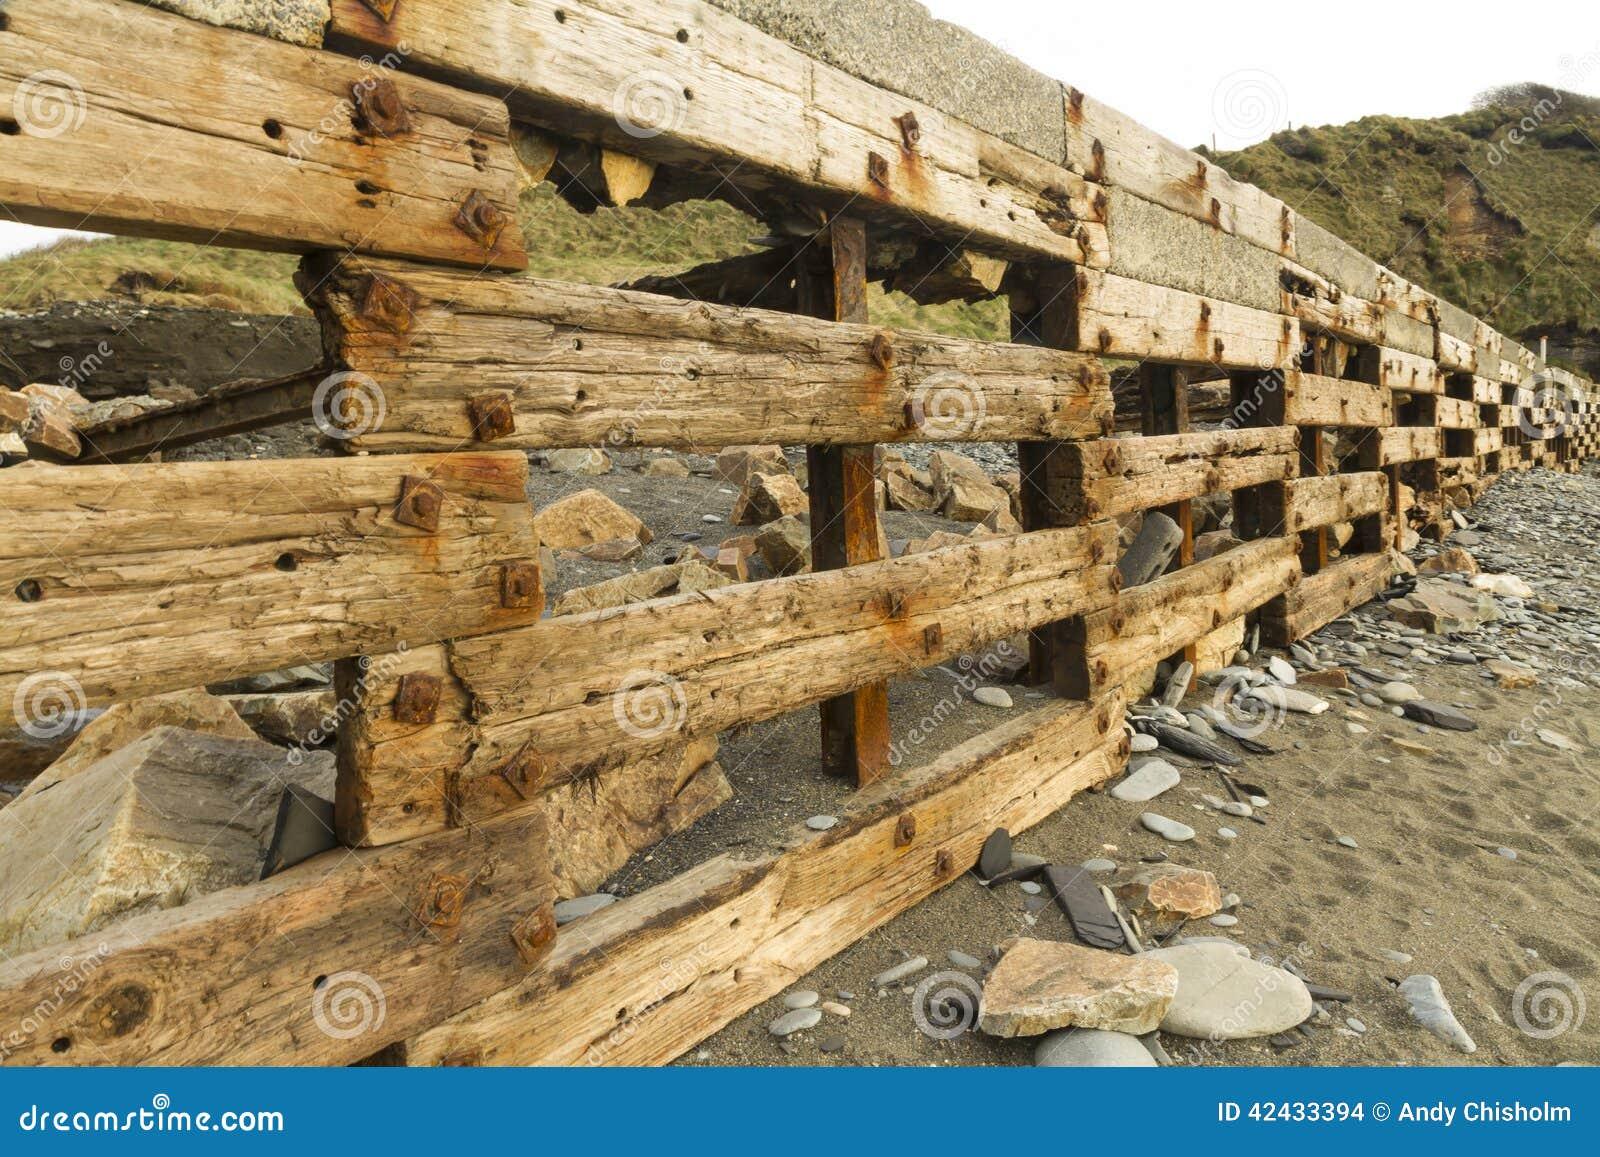 Playa de Aberiddy, restos de las defensas de mar